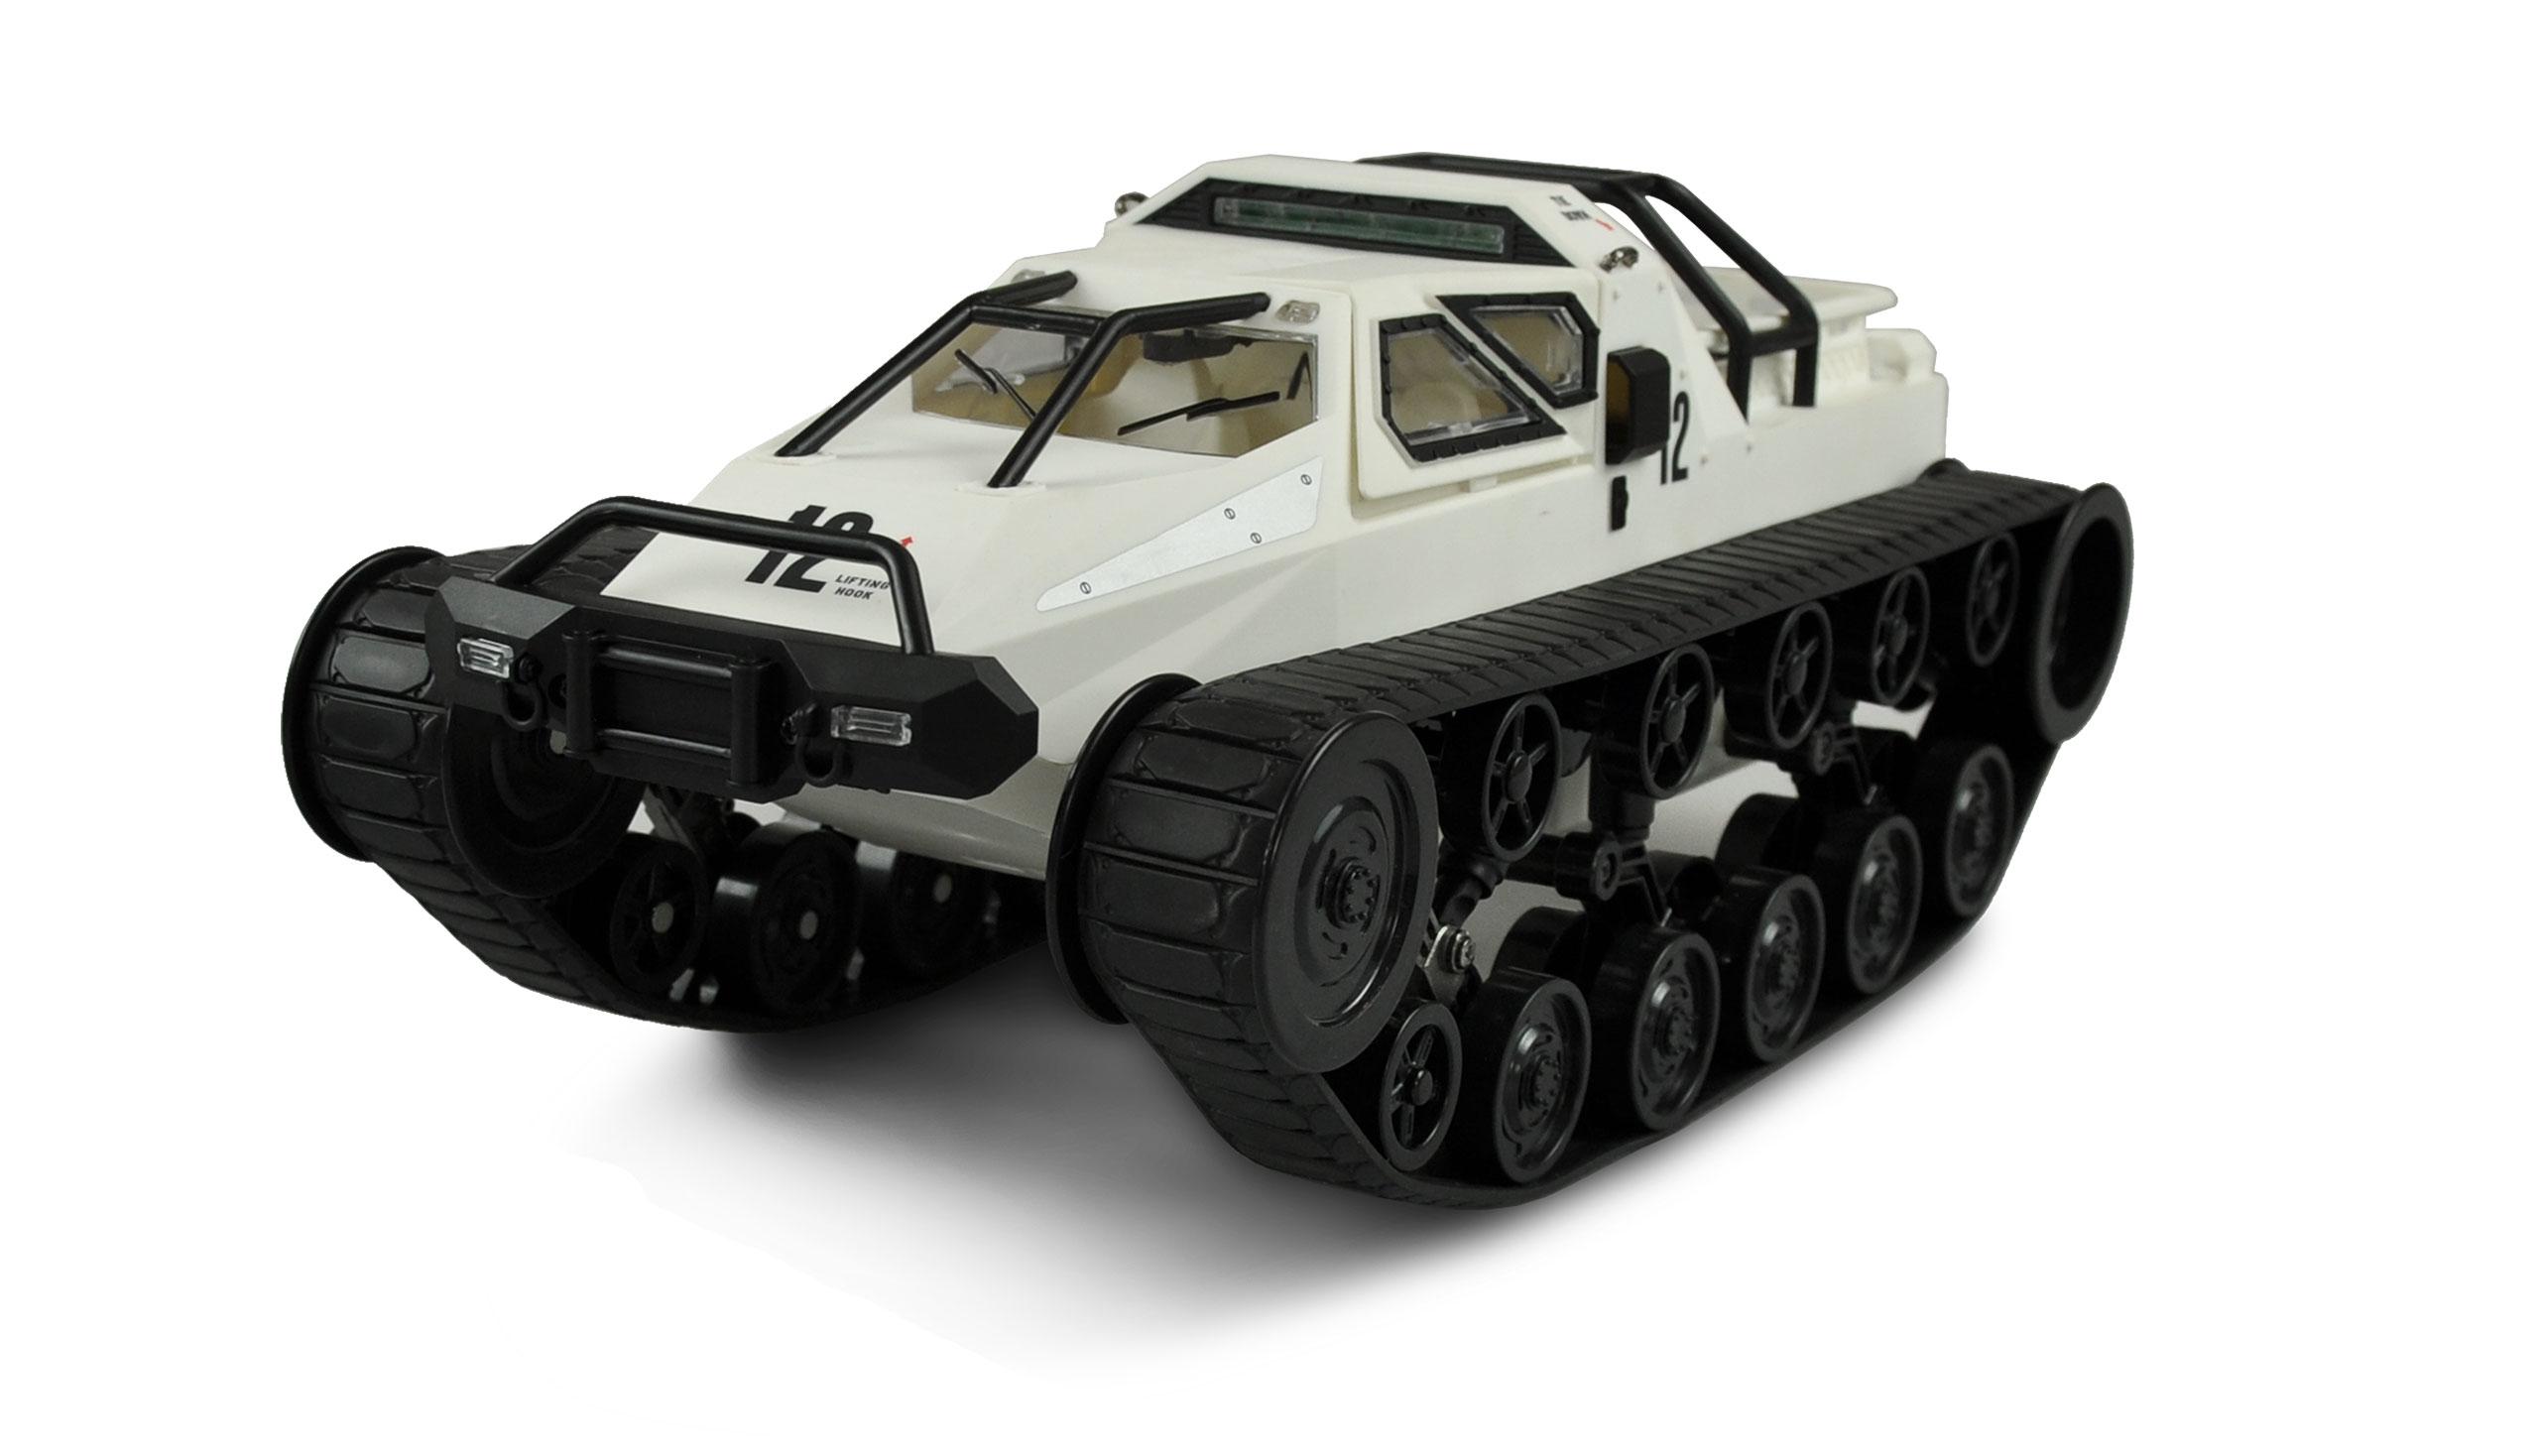 Vorschau: Amewi Military Police Kettenfahrzeug Weiss - Elektromotor - 1:12 - Betriebsbereit (RTR) - Schwarz - Weiß - Junge/Mädchen - 14 Jahr(e)